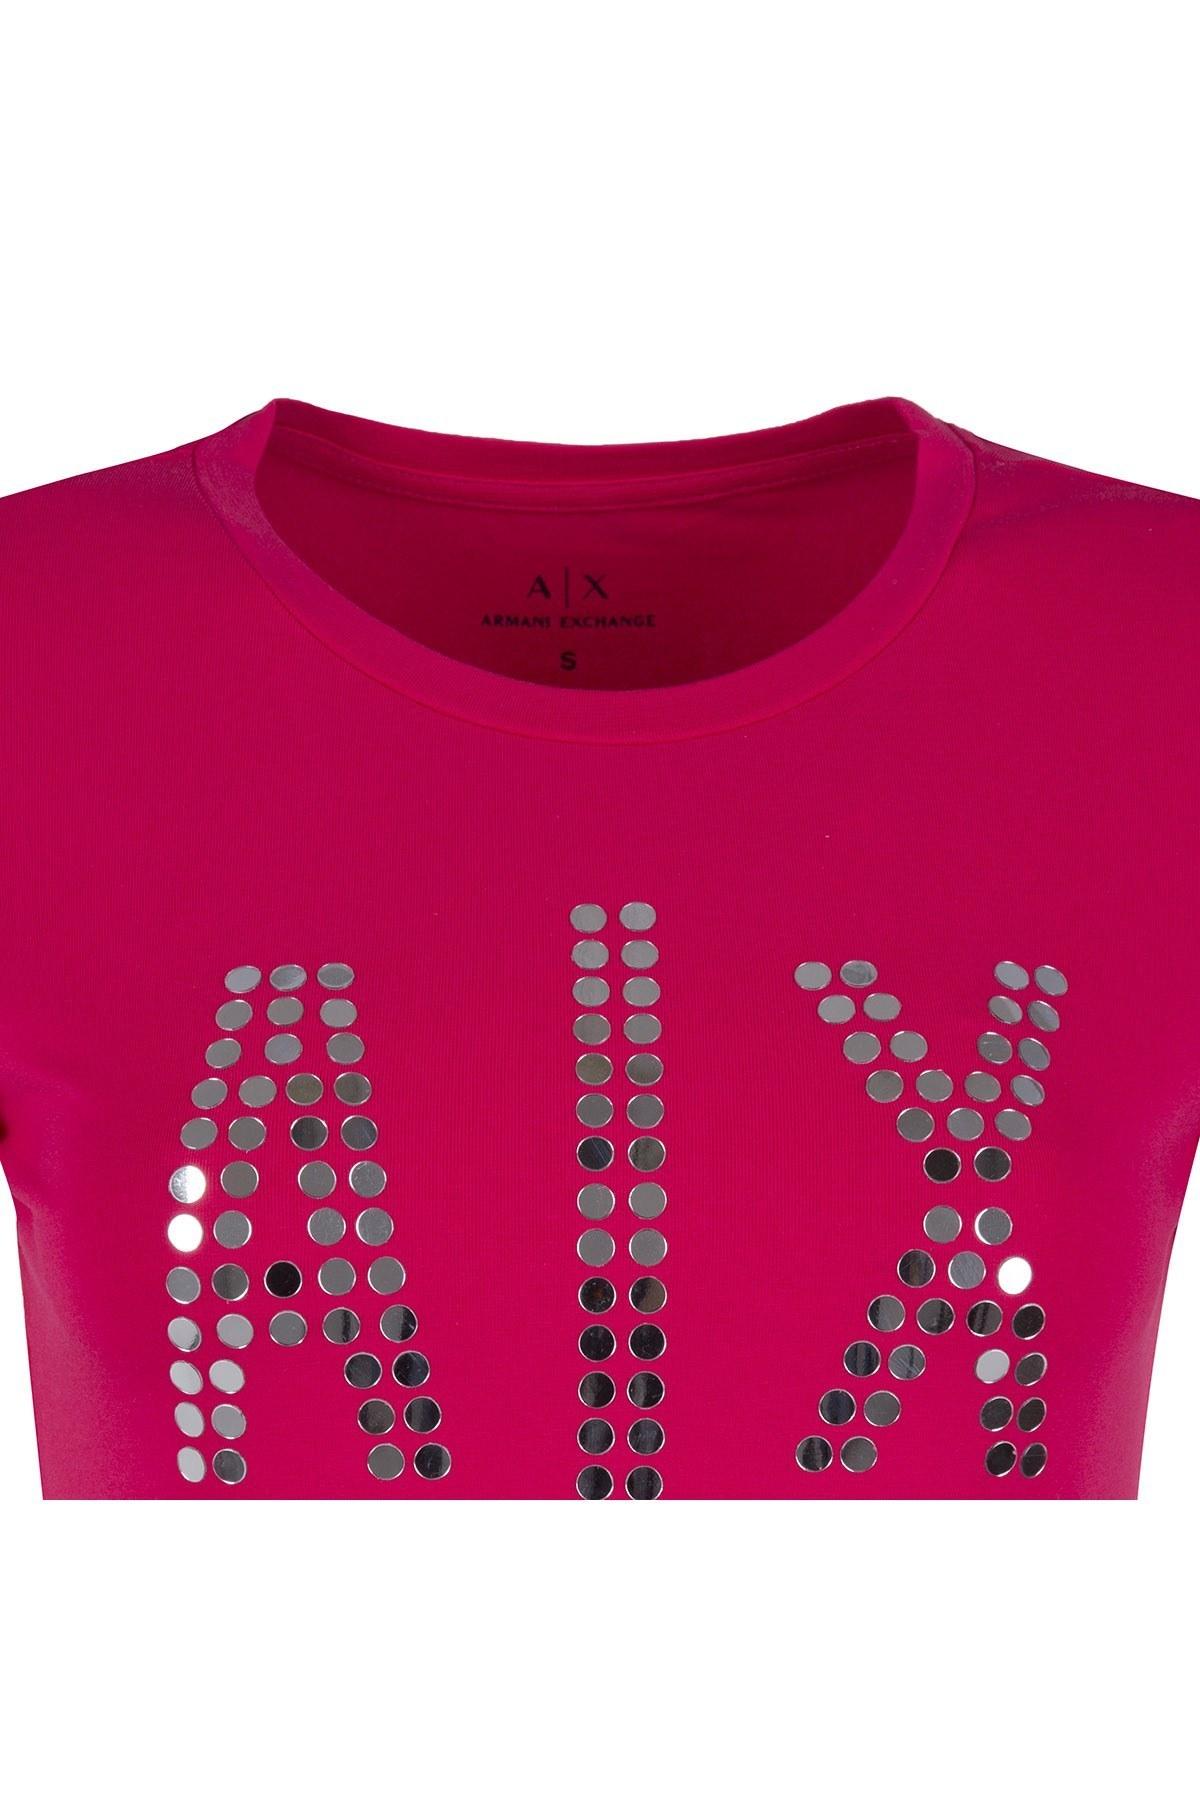 ARMANI EXCHANGE T SHIRT Bayan T Shirt 3ZYTAB YJS8Z 1428 PEMBE